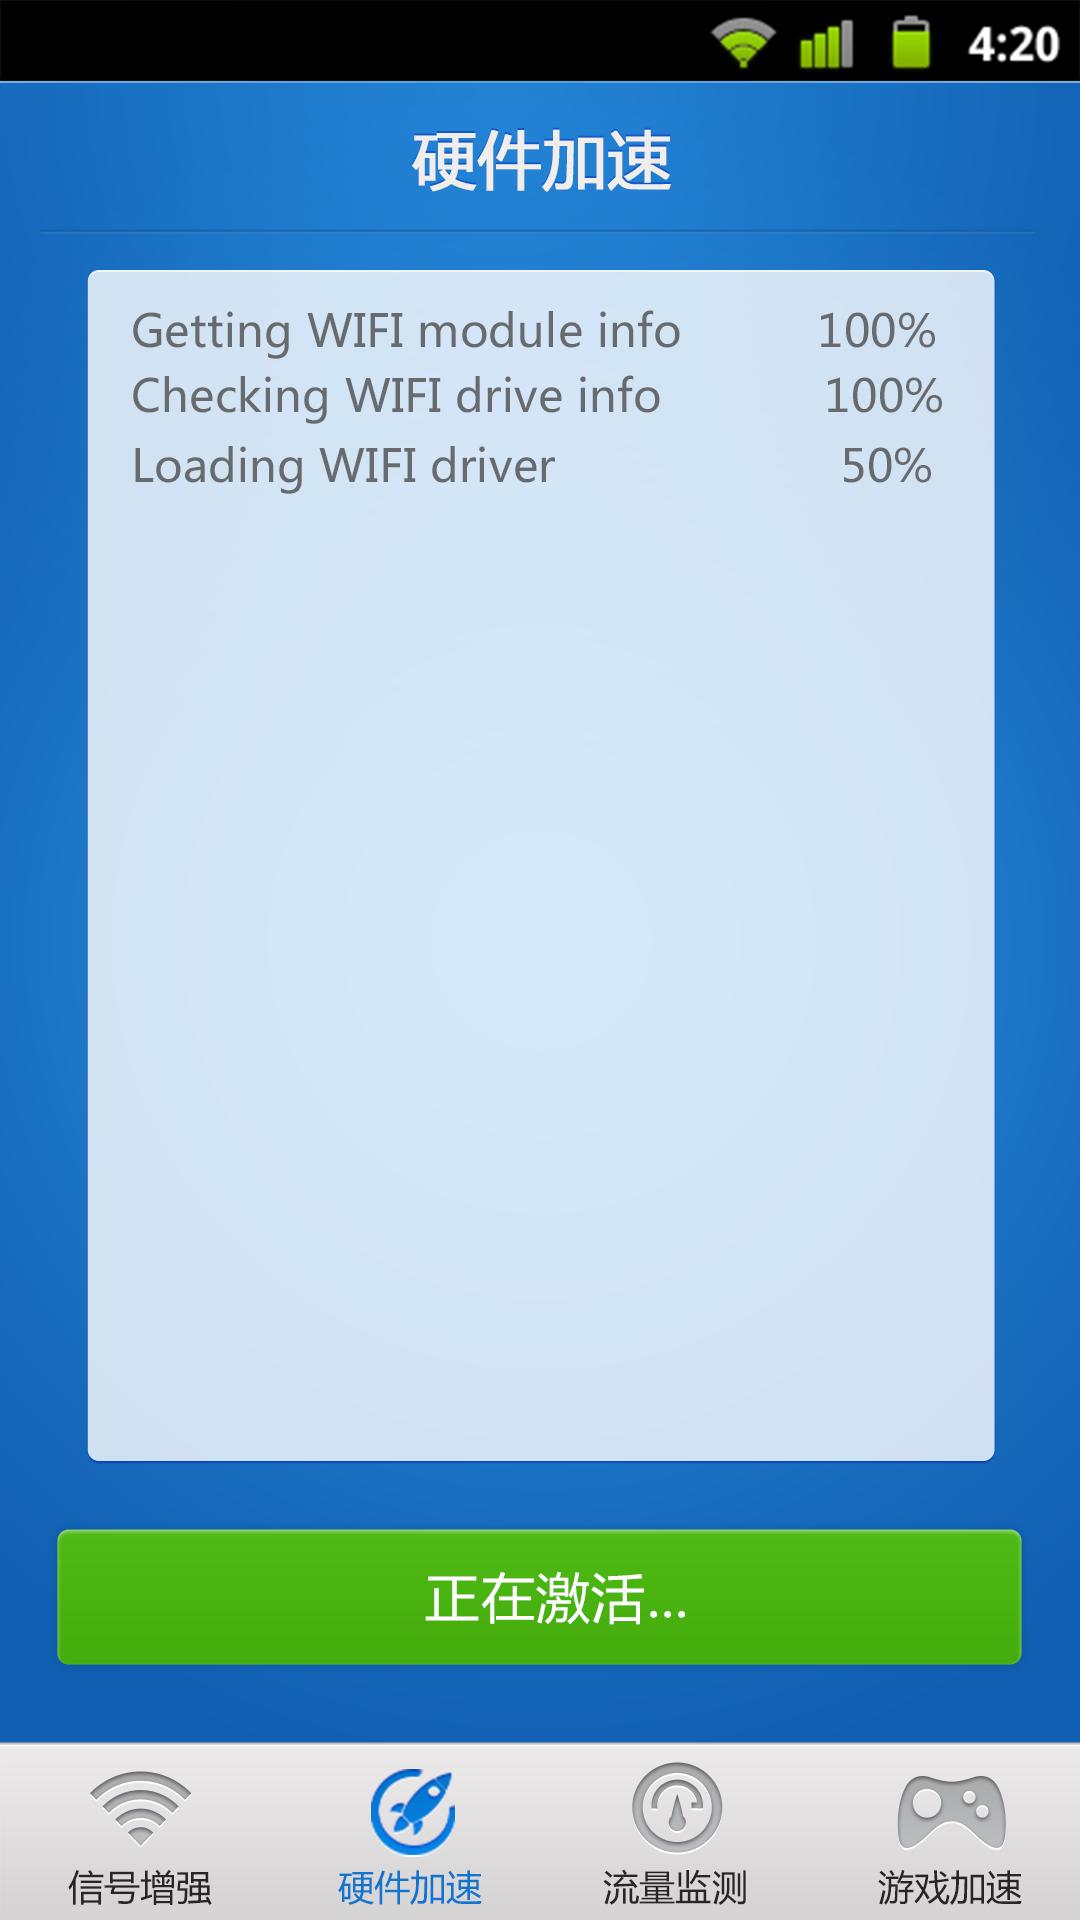 《 WiFi信号增强器 》截图欣赏